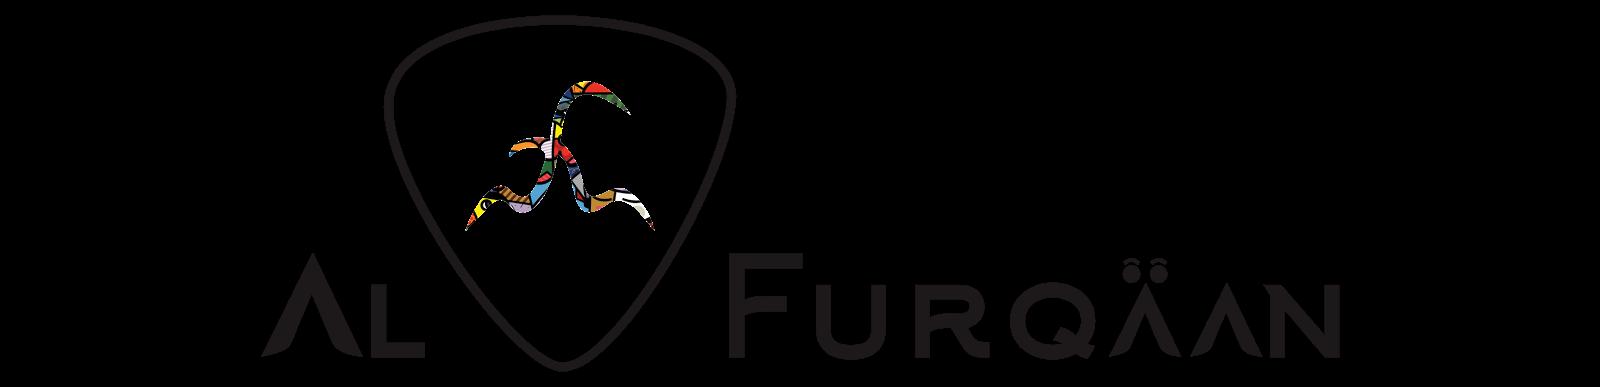 Al Furqaan